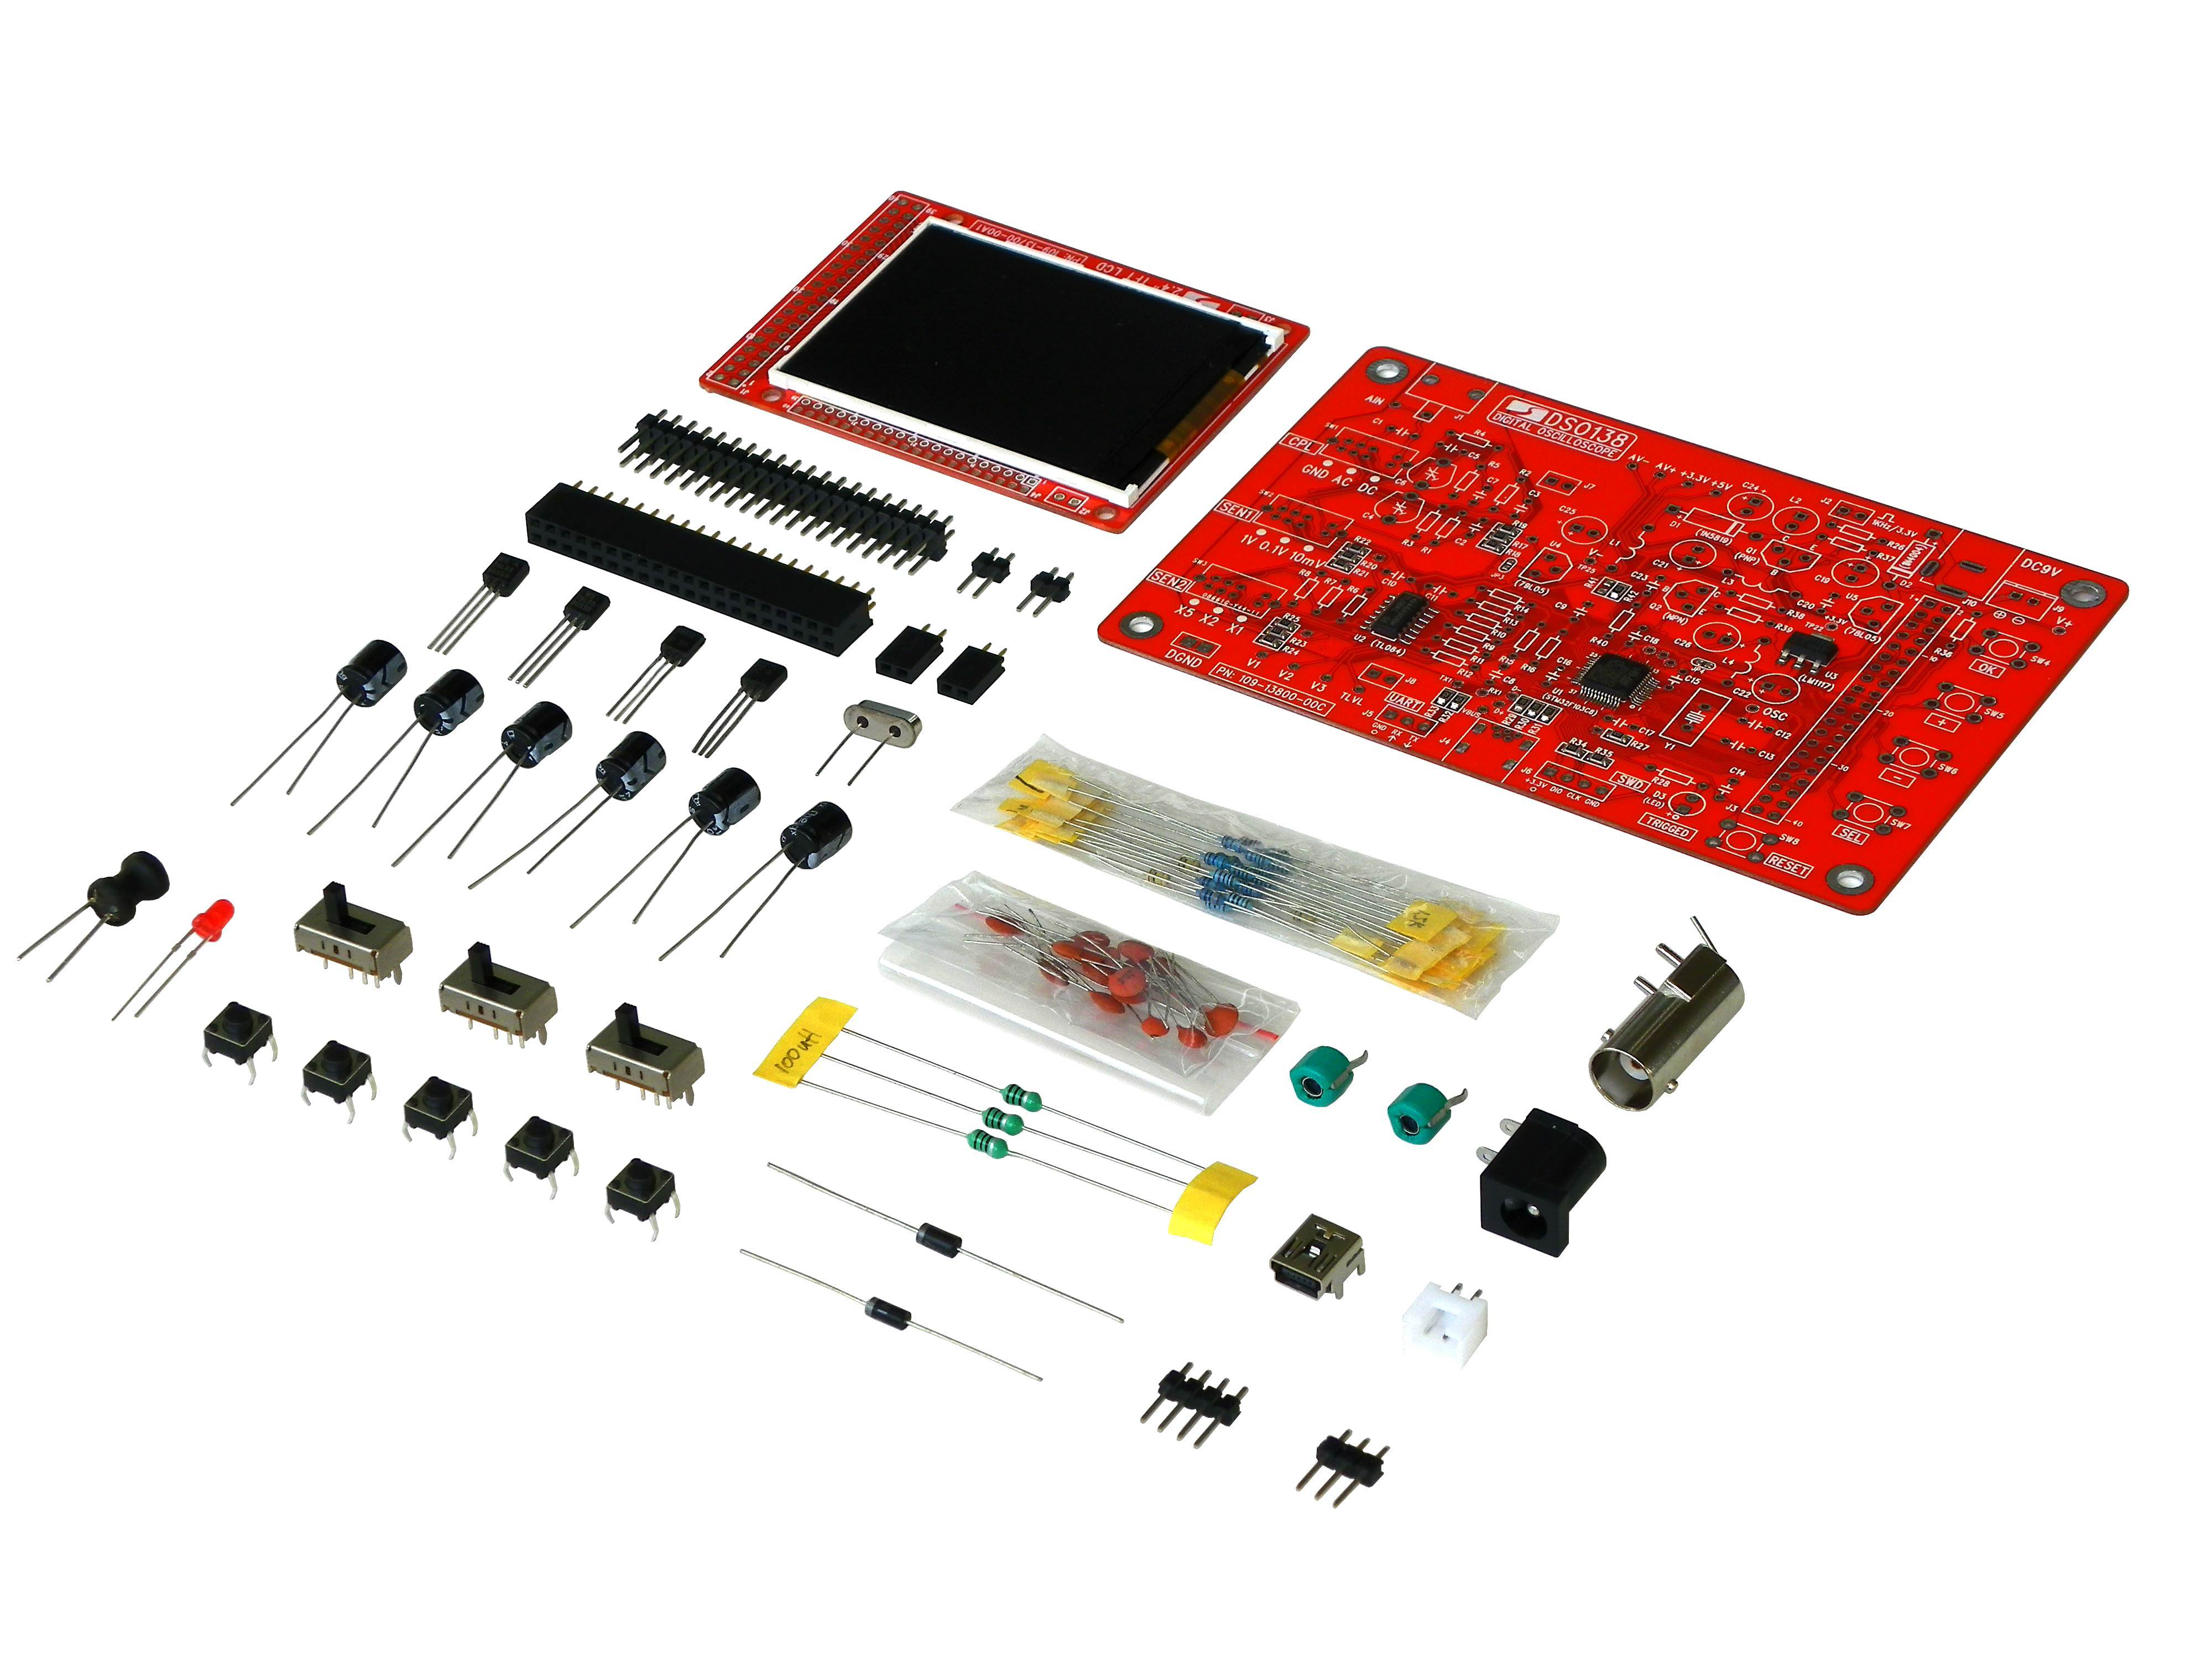 DSO138 kit